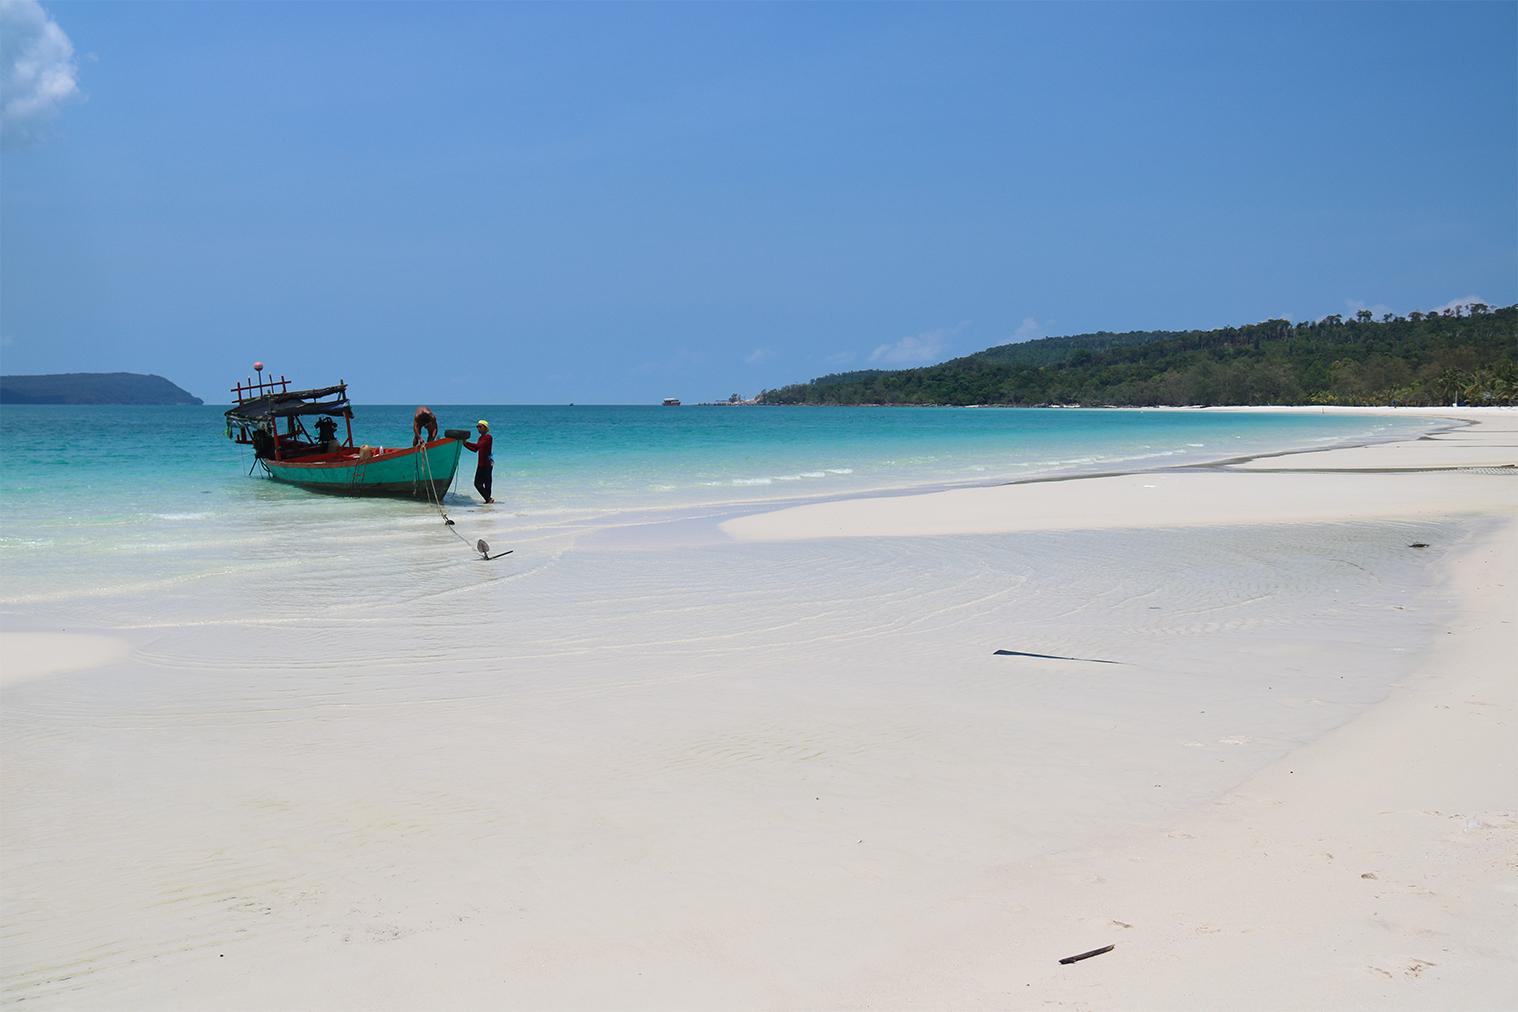 Biele pláže a tyrkysové more na ostrove Koh Rong